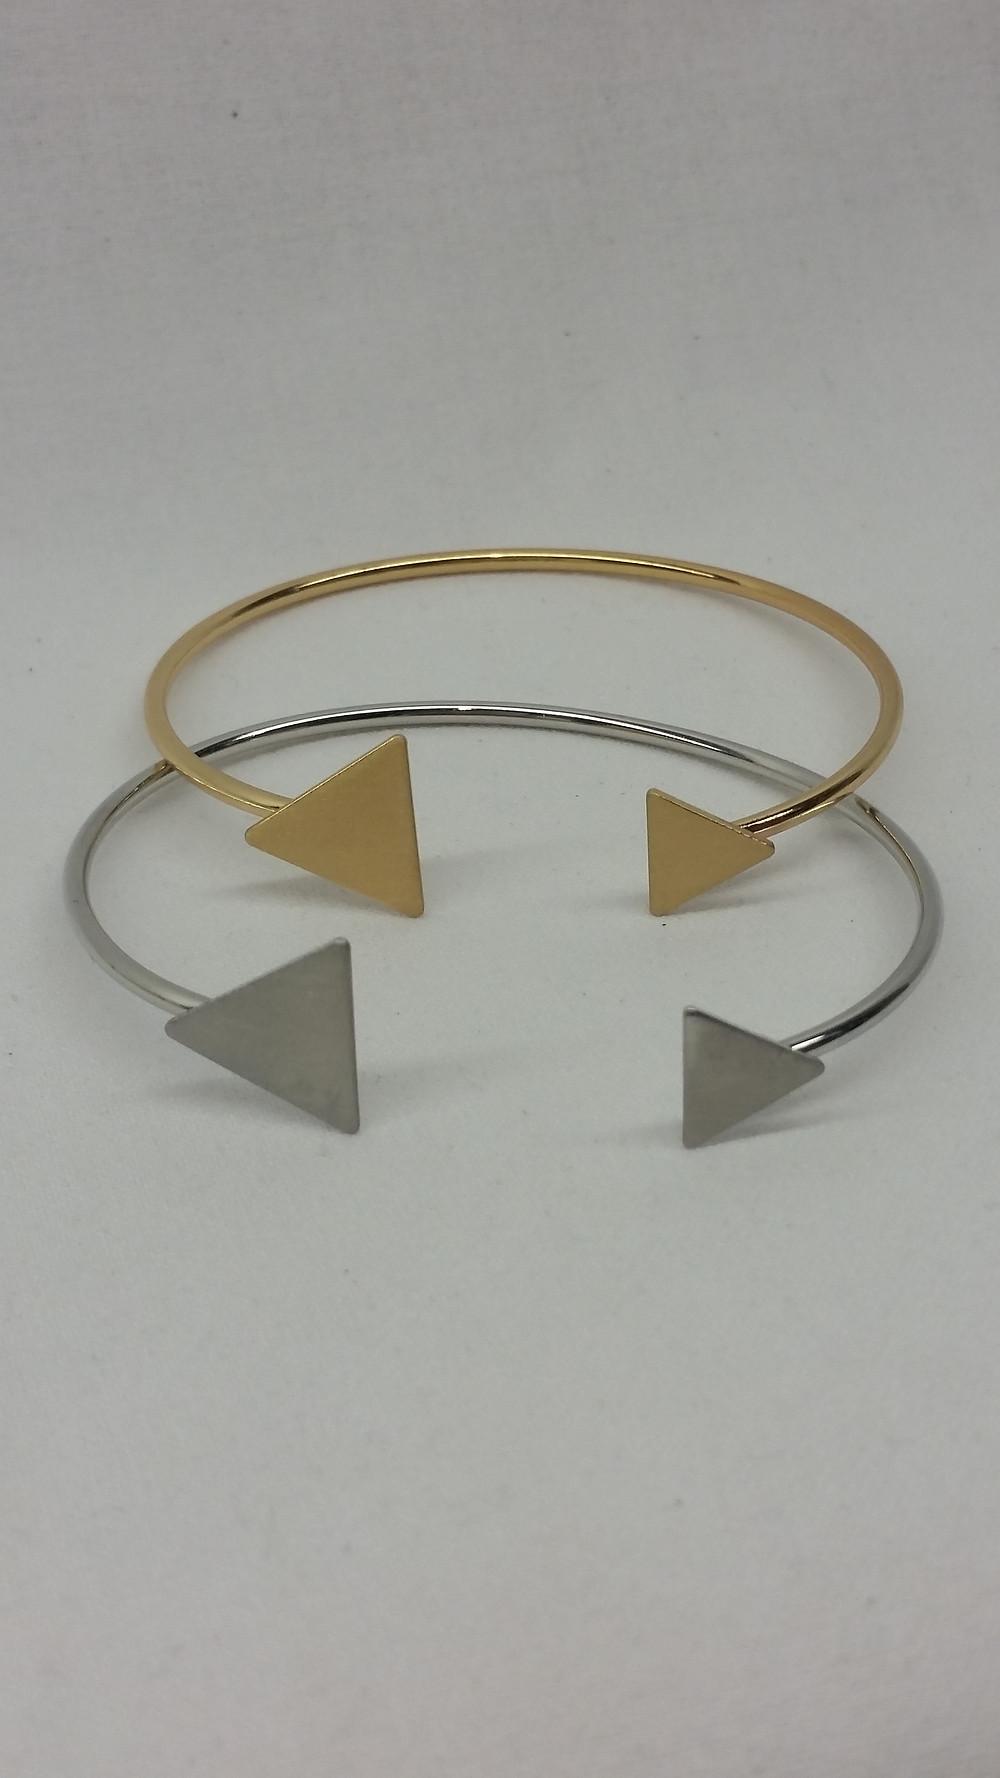 BRACELET JONC CHARM TRIANGLE Joli bracelet jonc charm en métal doré avec triangles pleins en métal doré à chaque extrémité, de tailles différentes. Graphique et minimaliste, il habille votre poignet de façon discrète et élégante